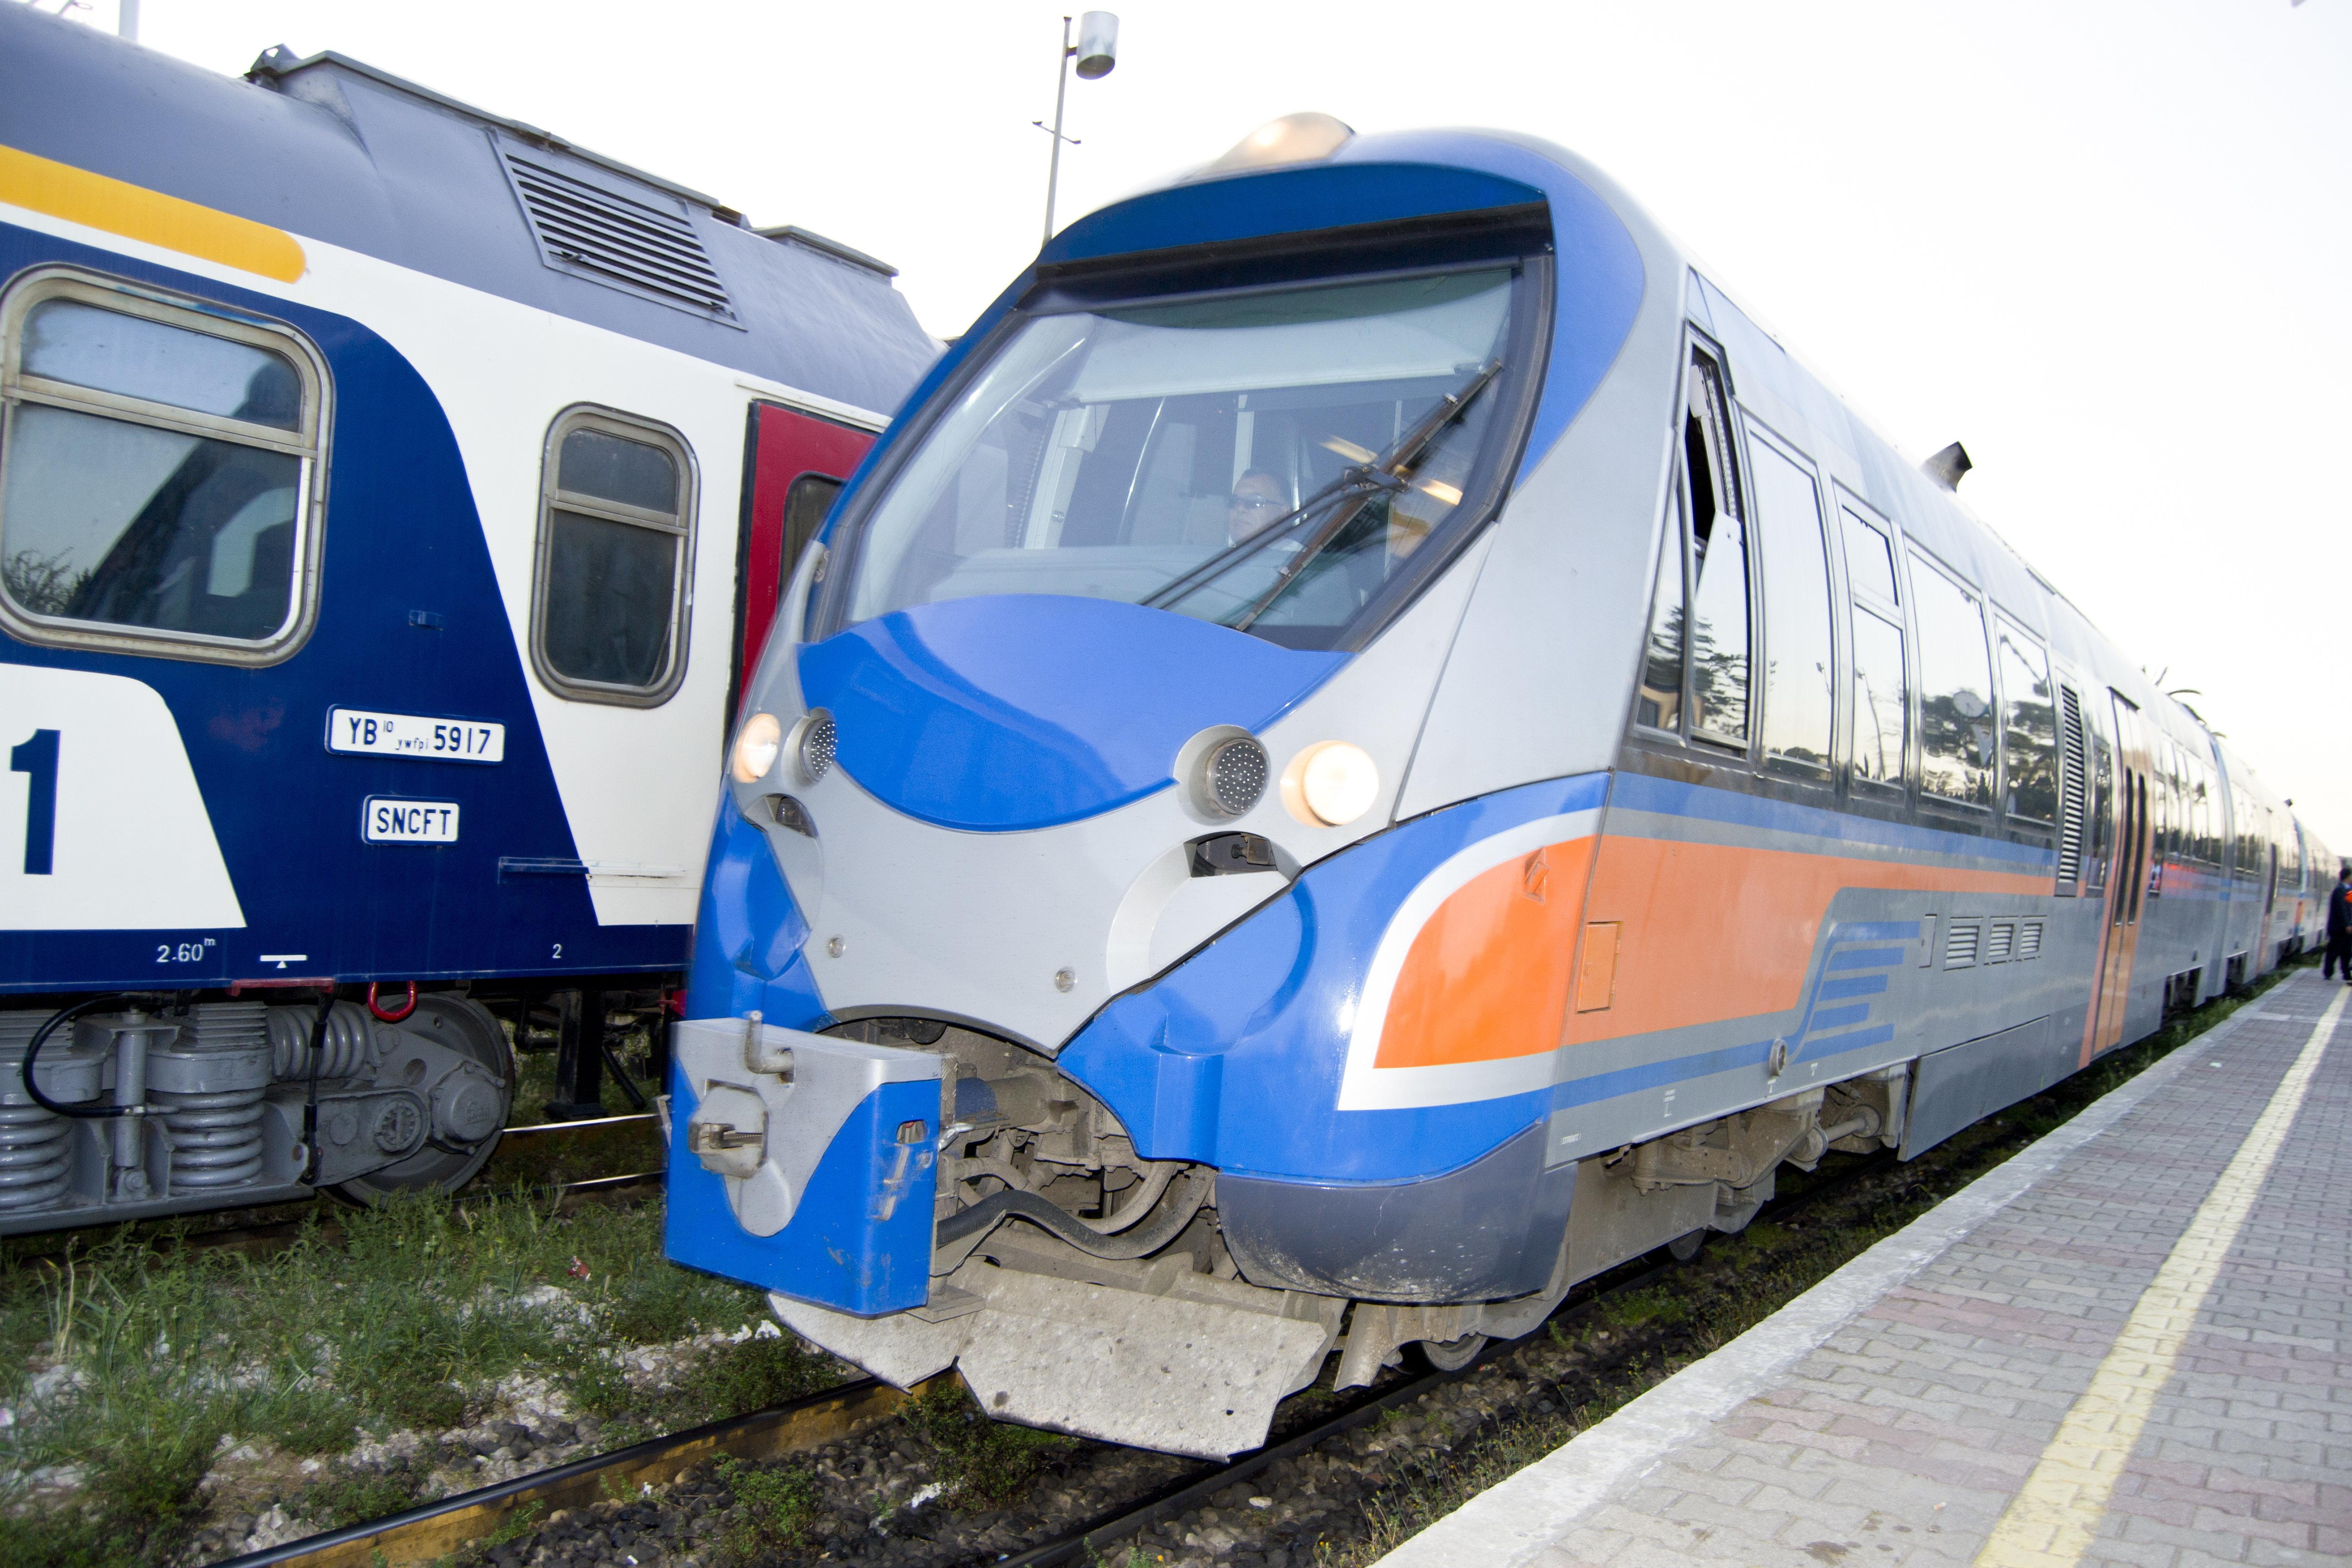 Grève de la fonction publique: Le ministère du Transport annonce un service minimum dans les transports pour la journée de